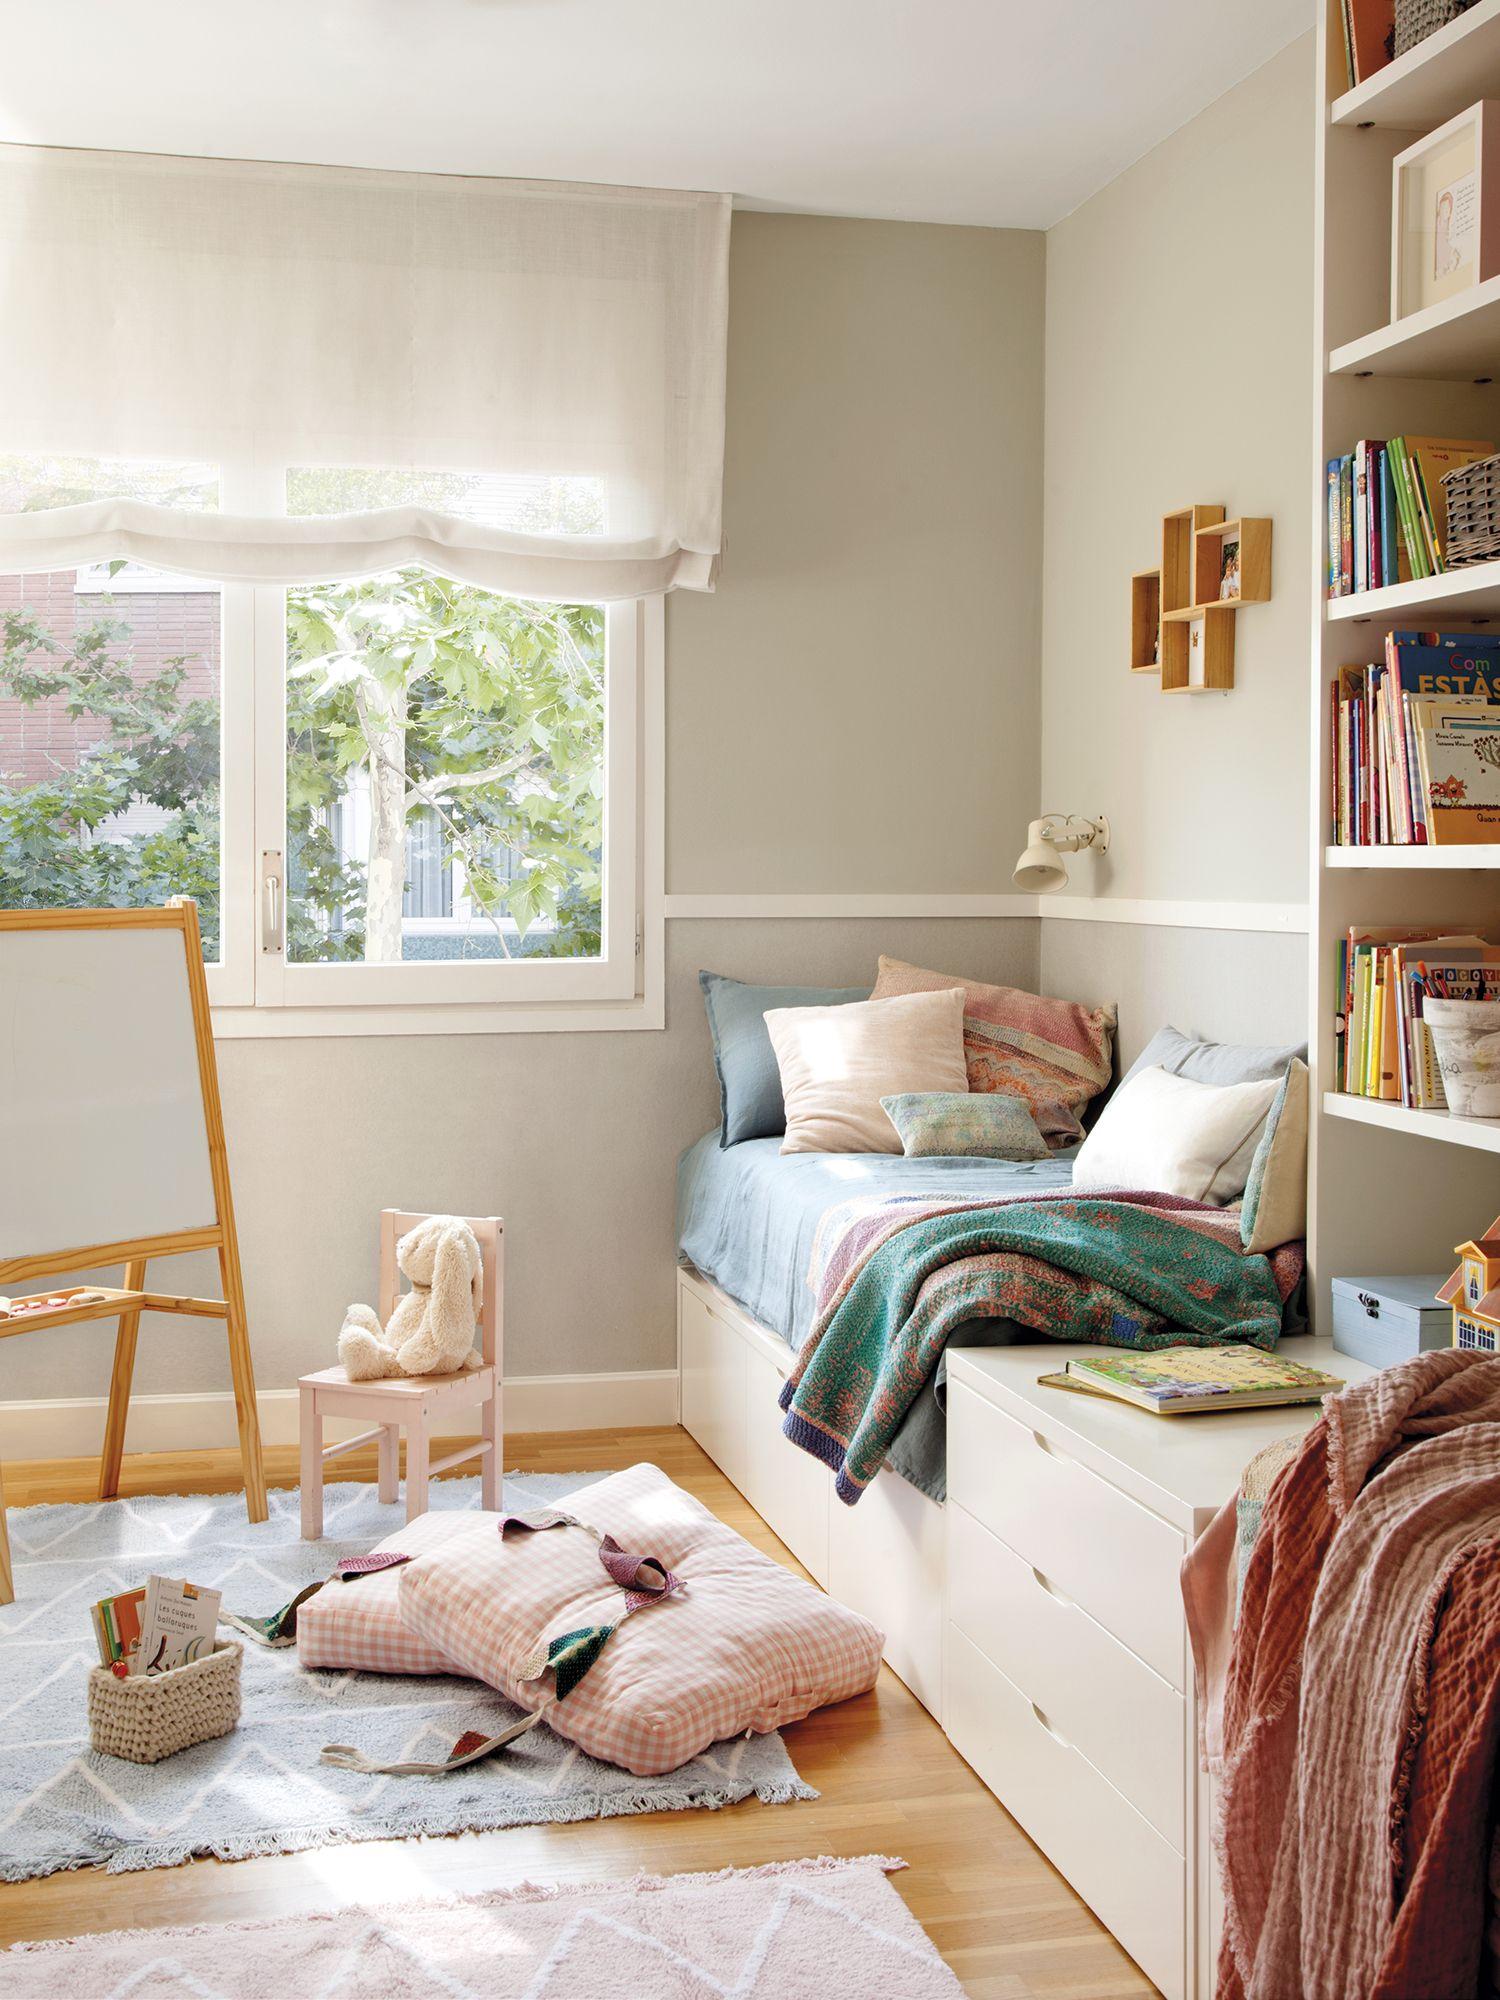 Cabecero de cama hecho con arrimadero | Pinterest | Habitación ...